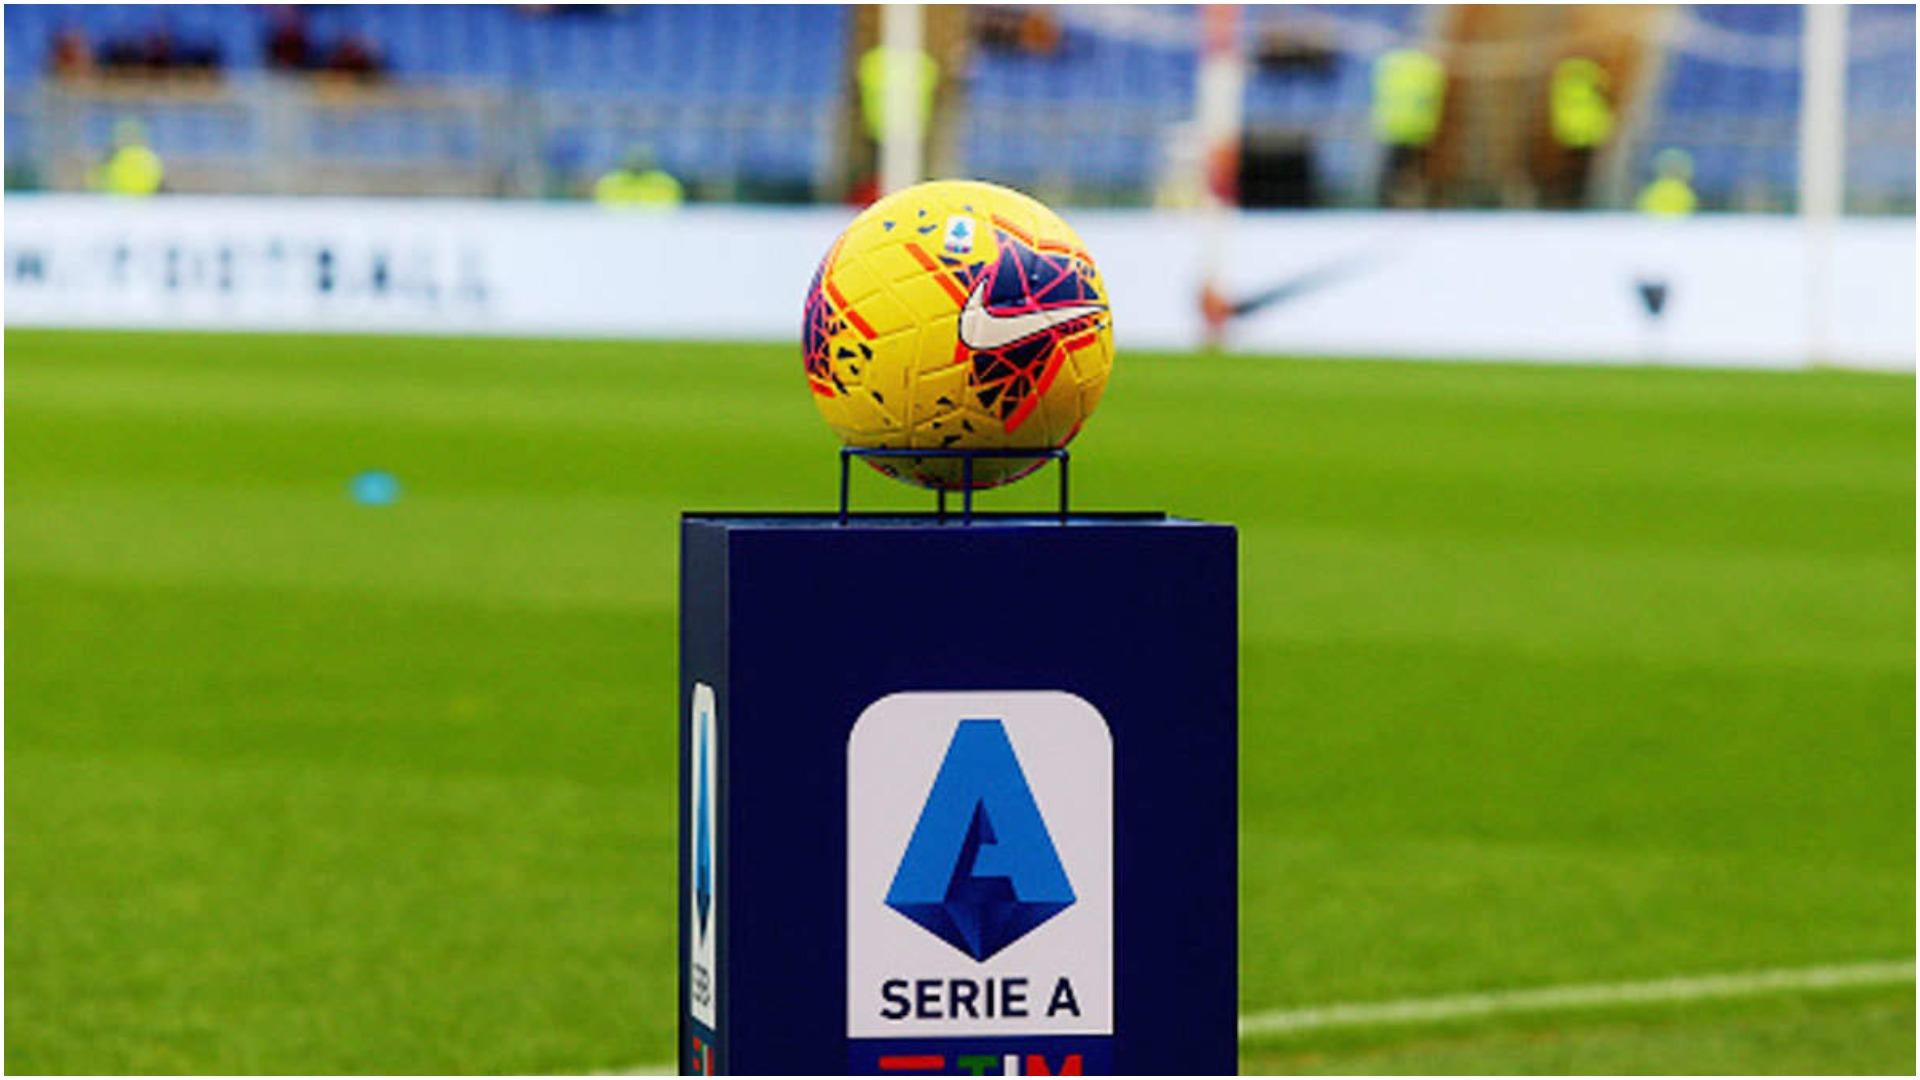 Kaos në Serie A: Probleme me pagat, çfarë ndodh me futbollistët